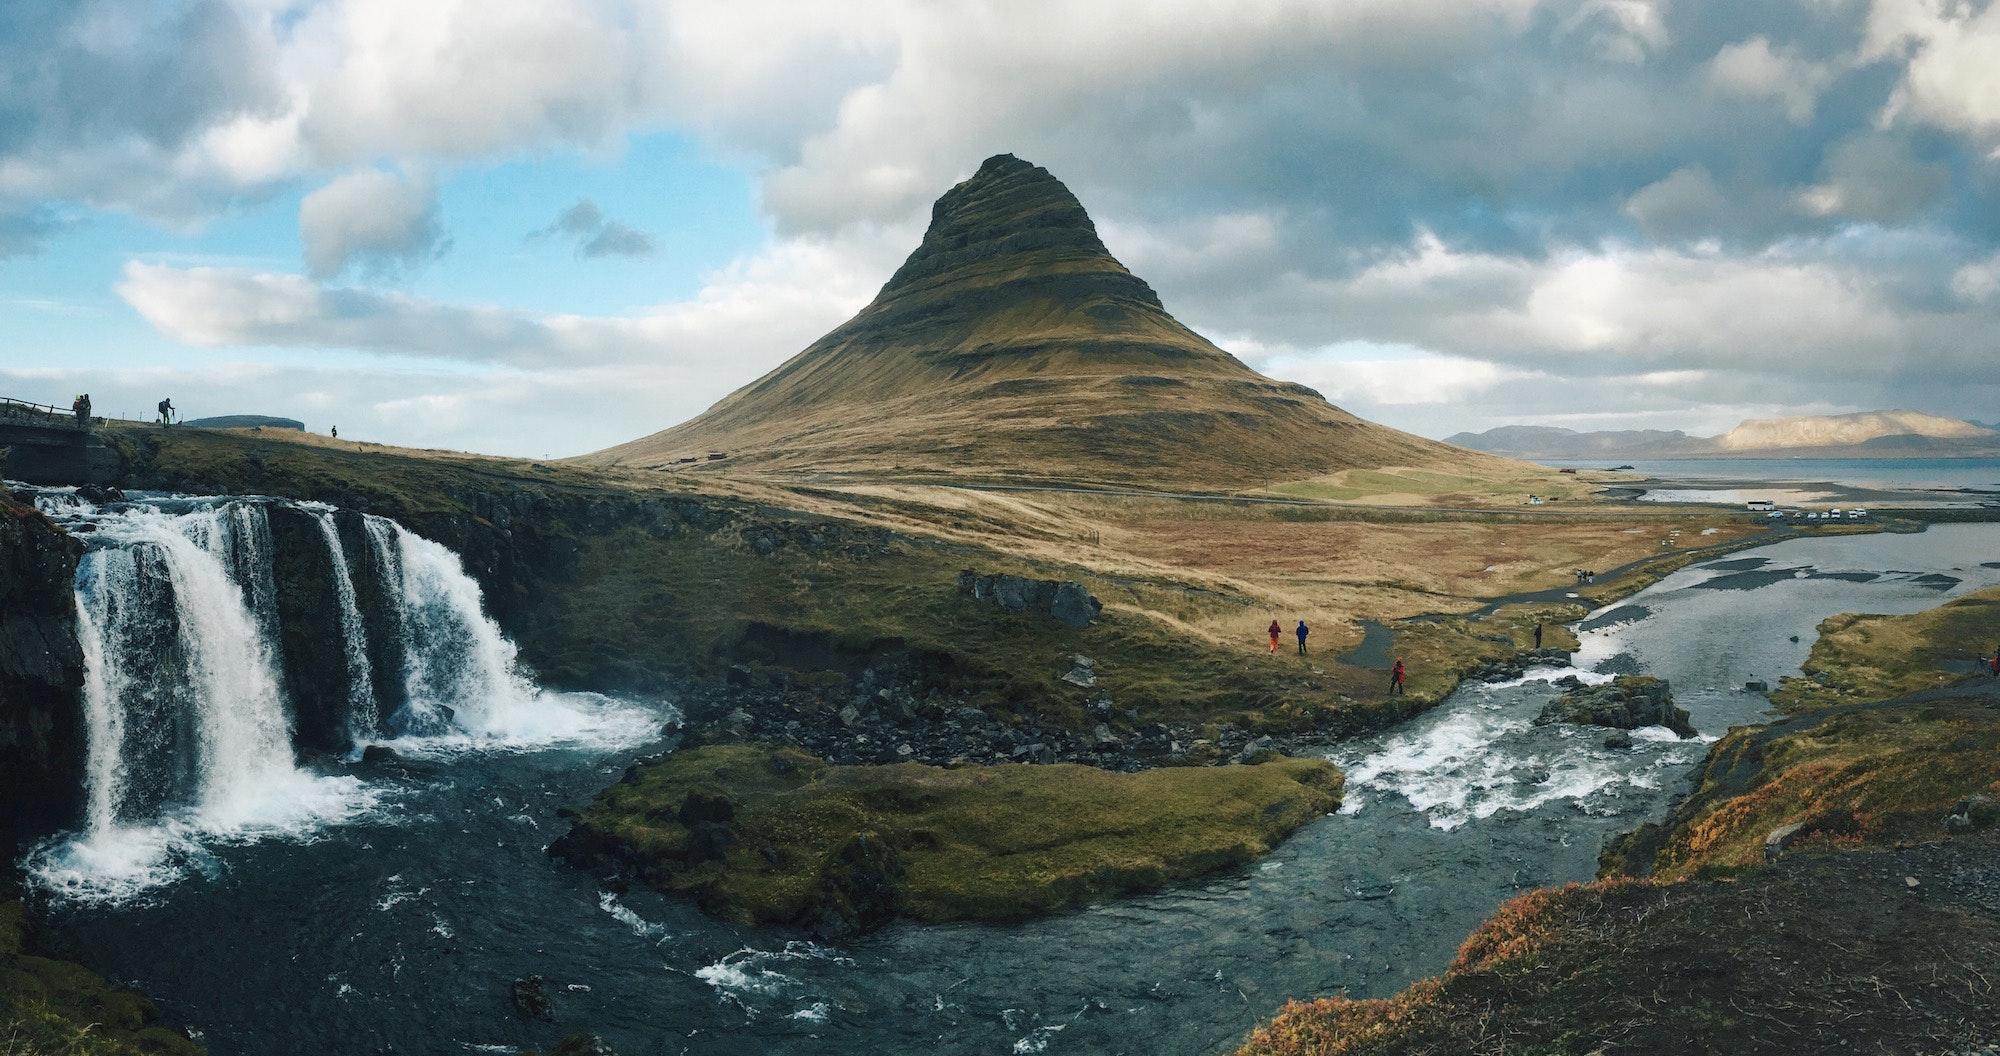 冰岛斯奈山半岛教会山Kirkjufell(草帽山)